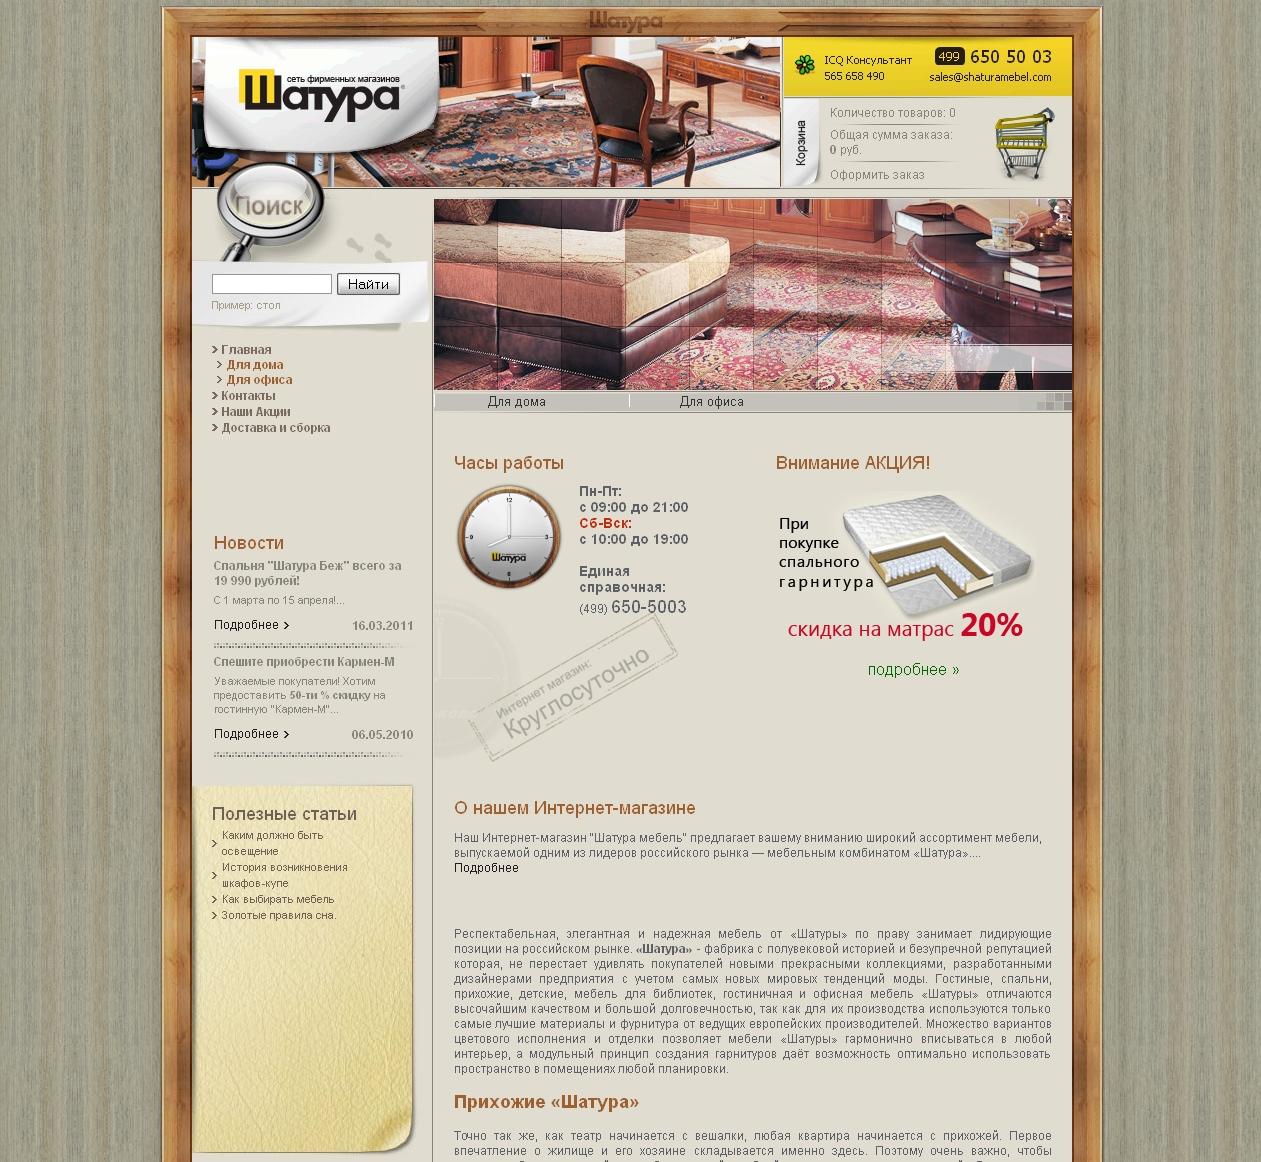 Главная страница сайта мебели.